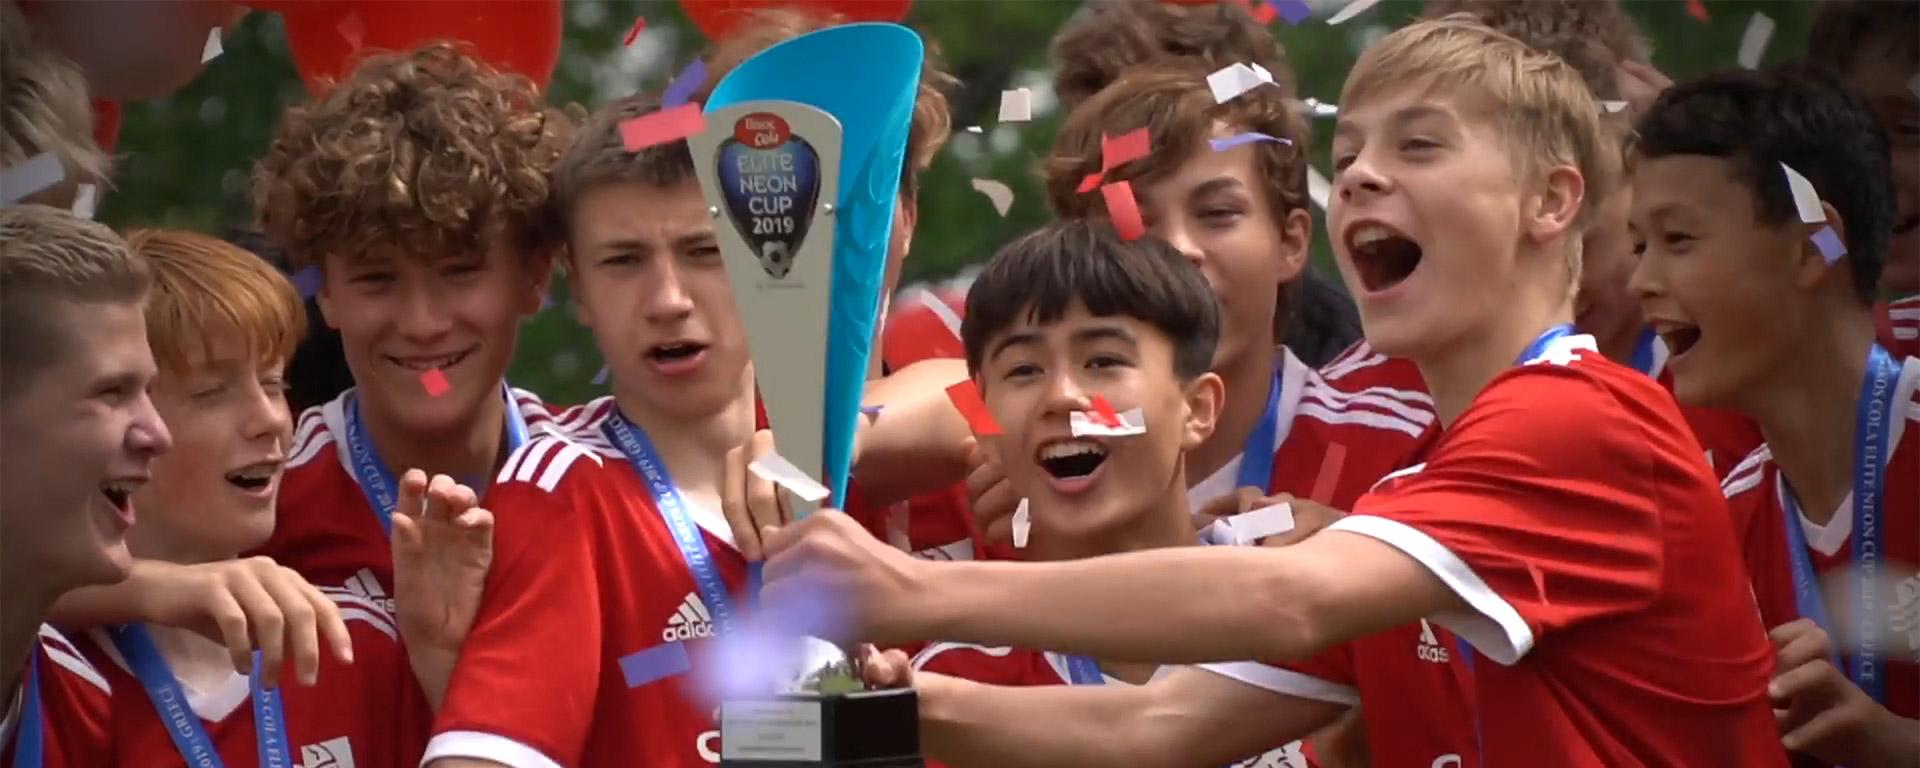 Vikos Cola Elite Neon Cup 2019 Athens Edition